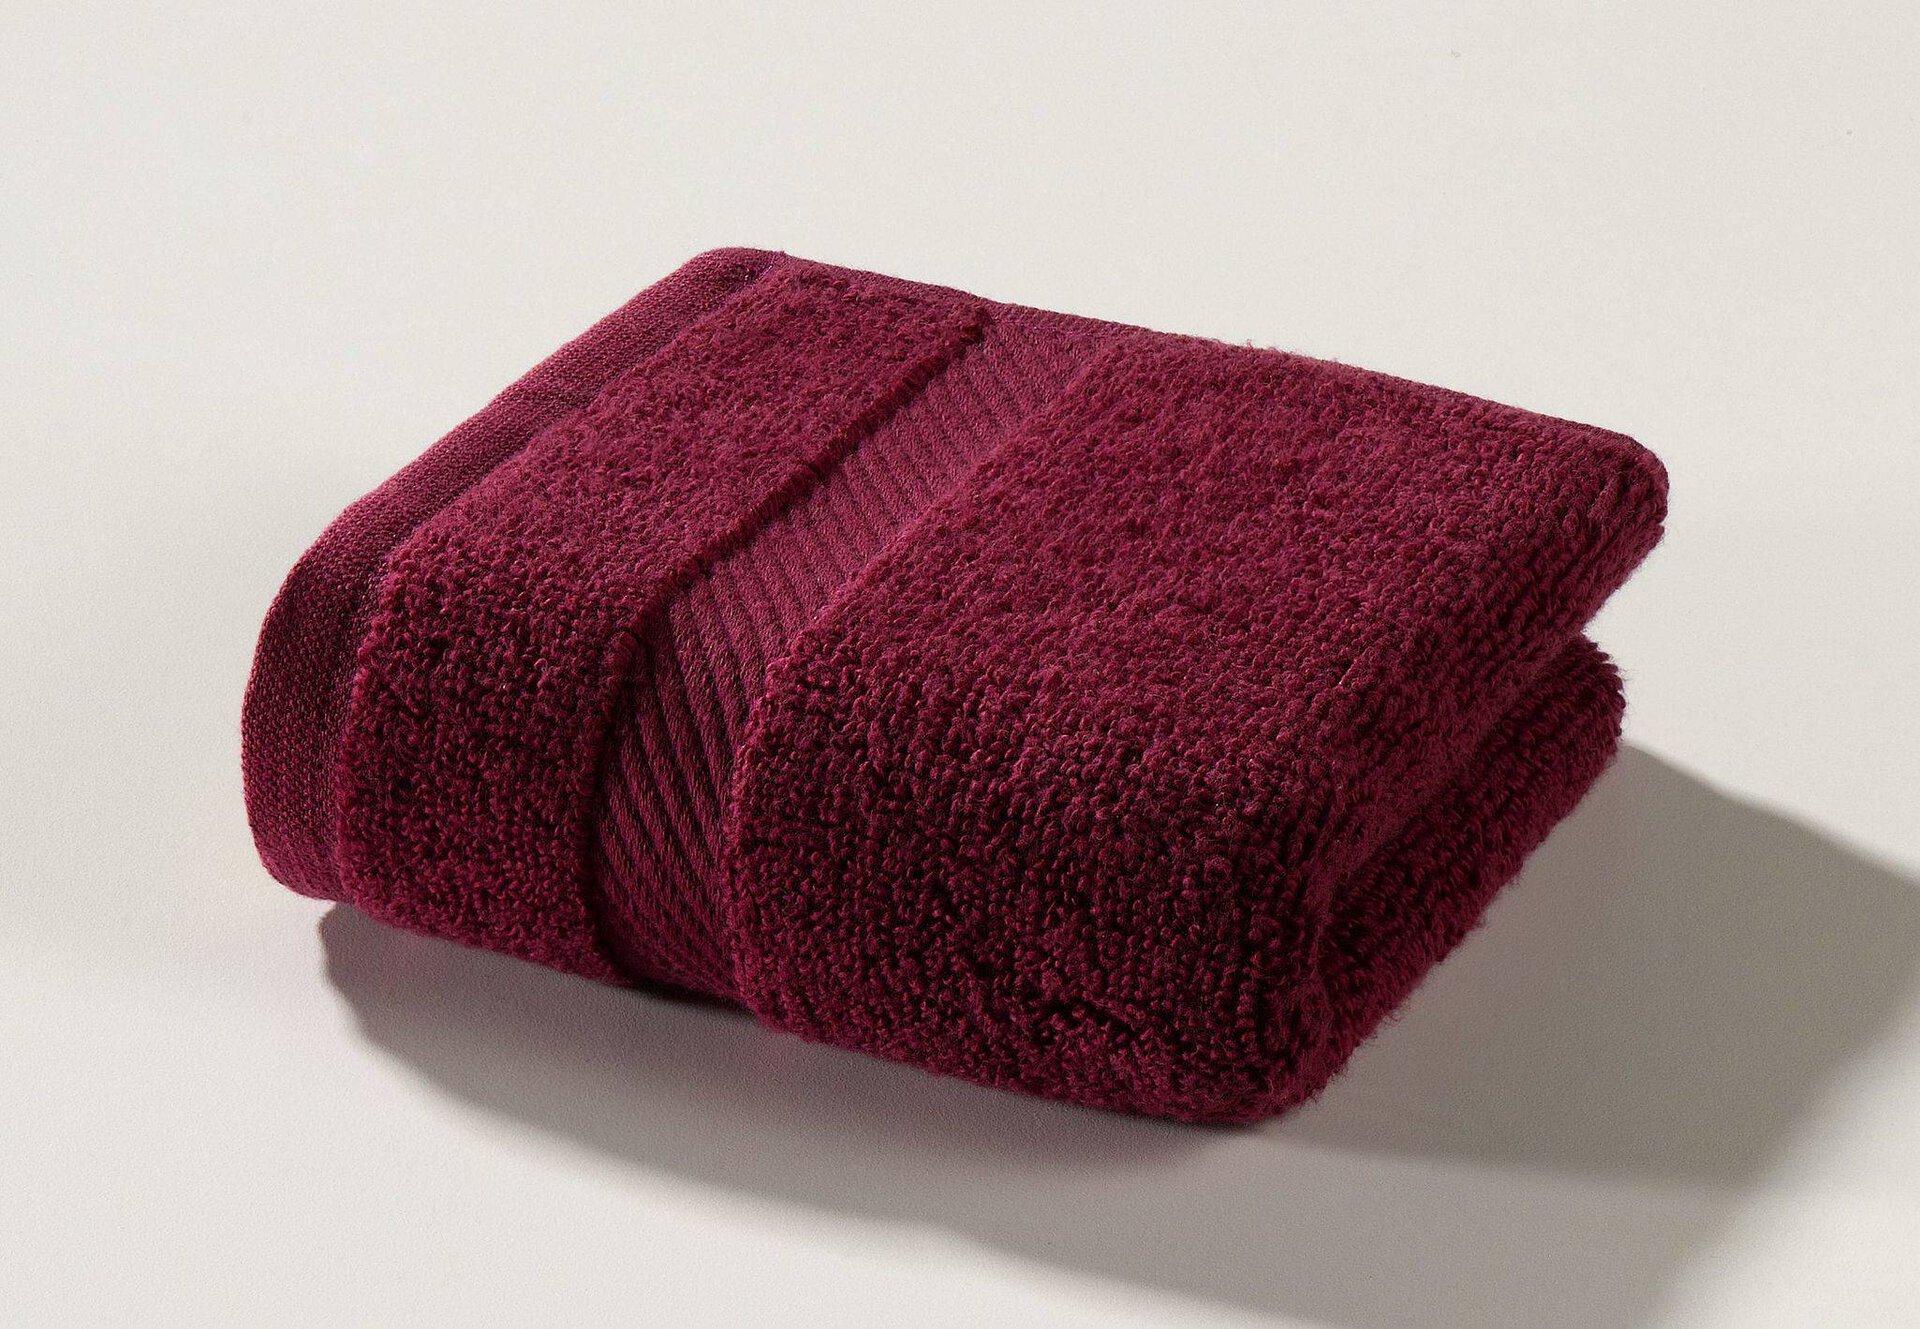 Seiftuch Micro Baumwolle Casa Nova Textil rot 30 x 30 cm